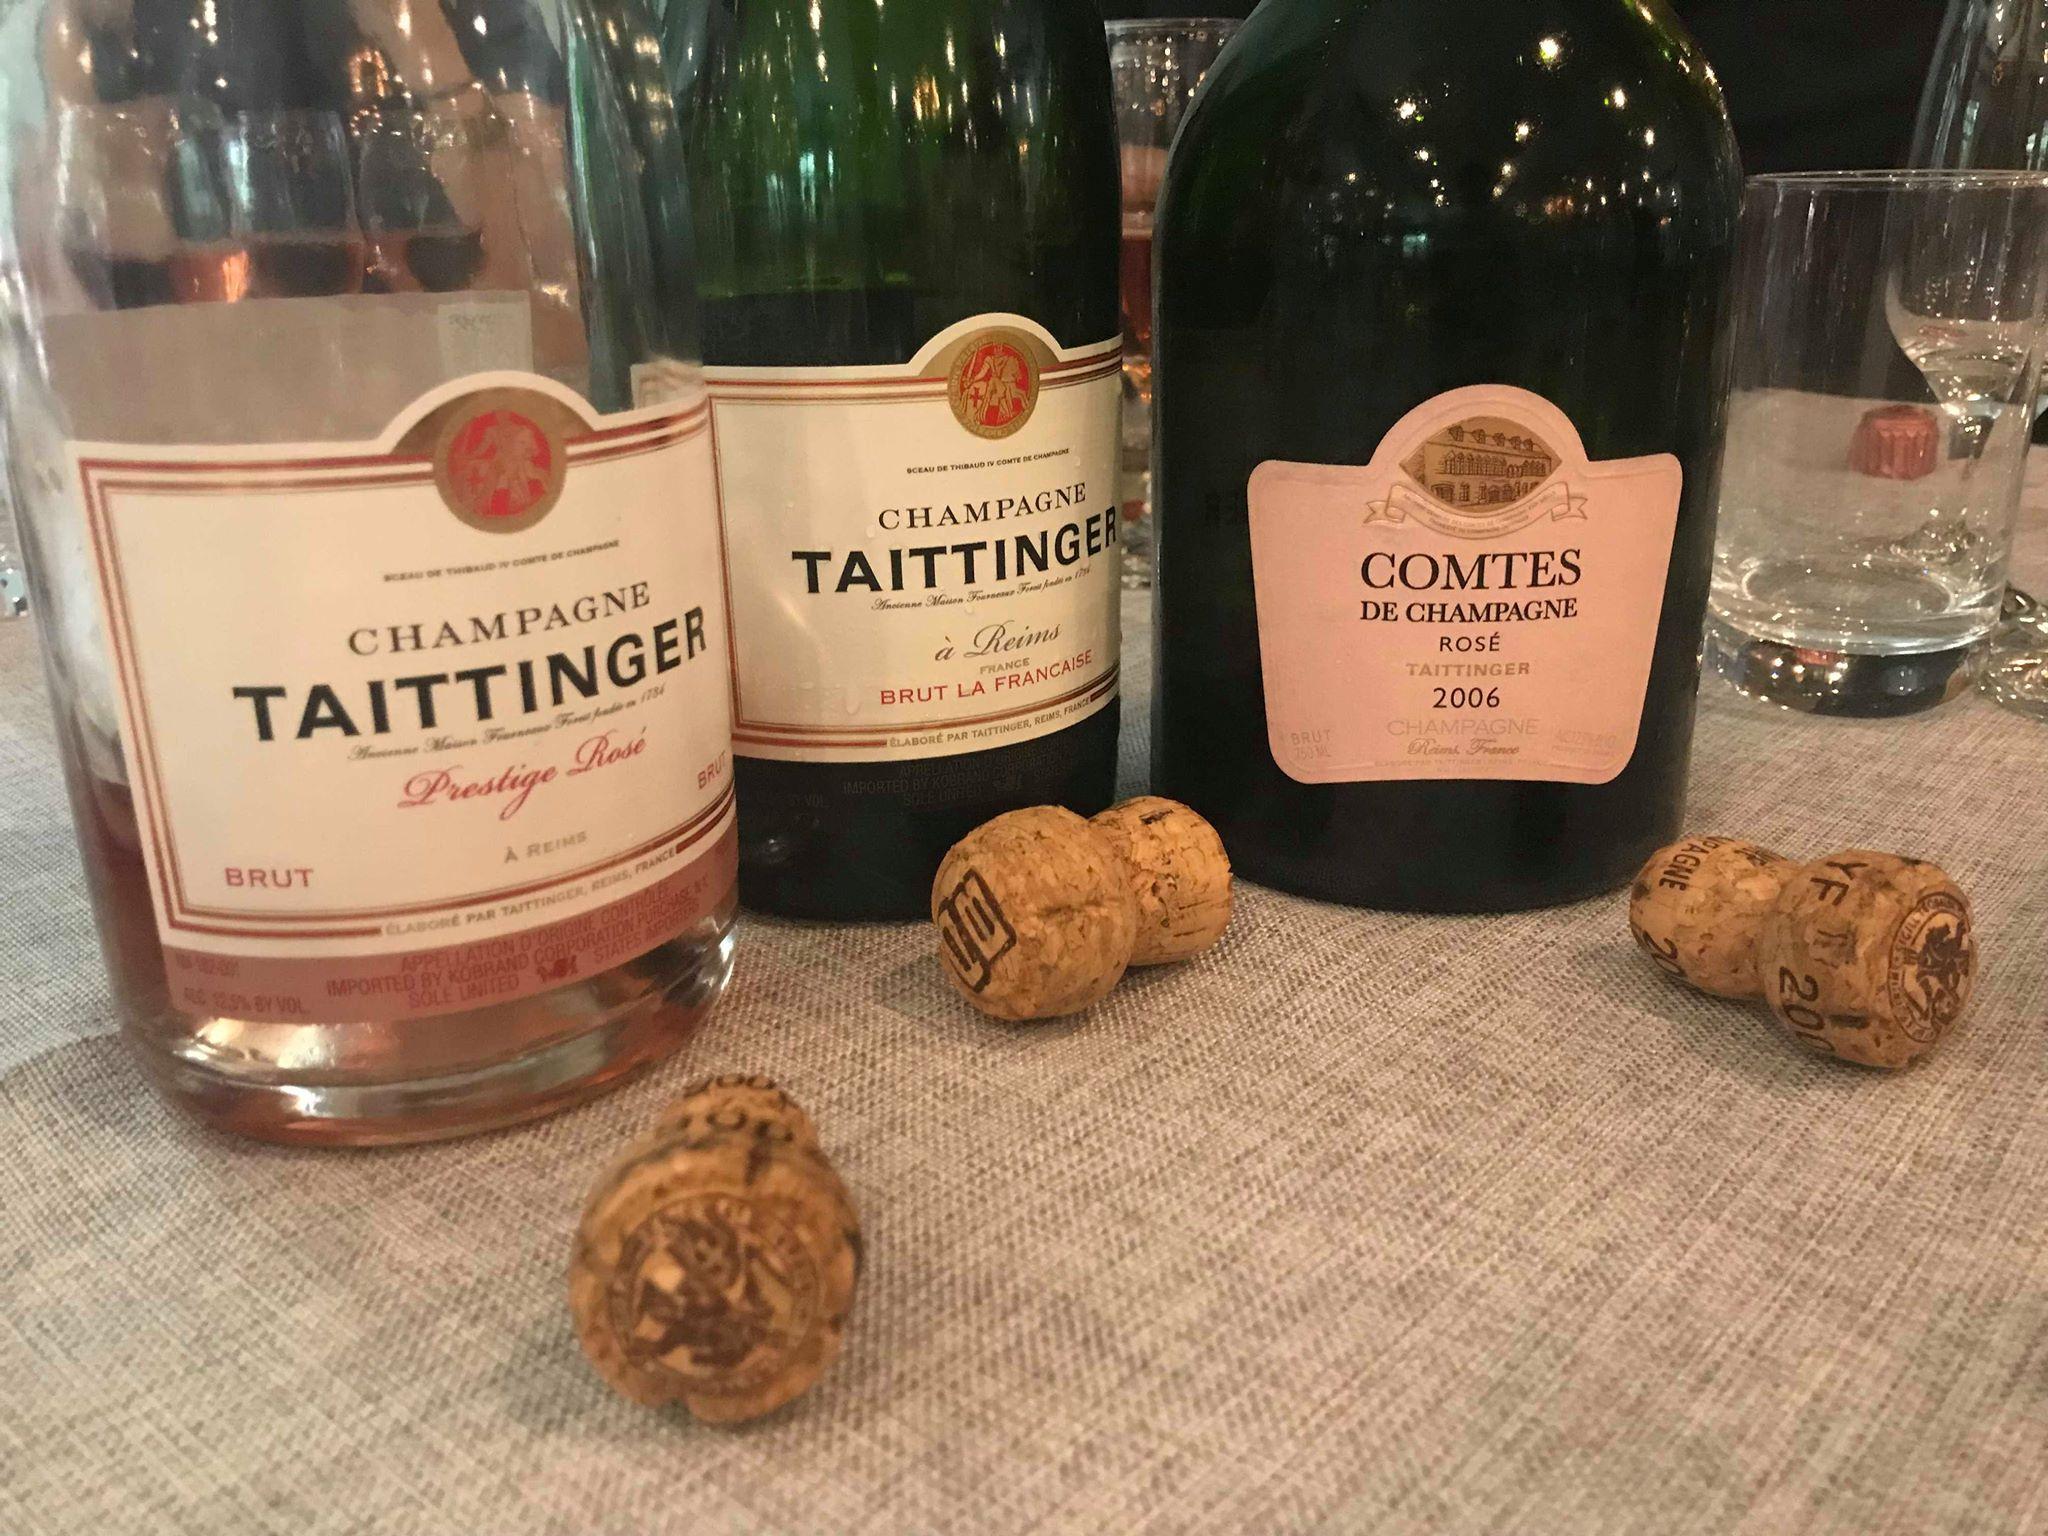 Prestige rosé, Brut la Francaise, 2006 Comtes de Champagne rosé -Richard Seidlitz